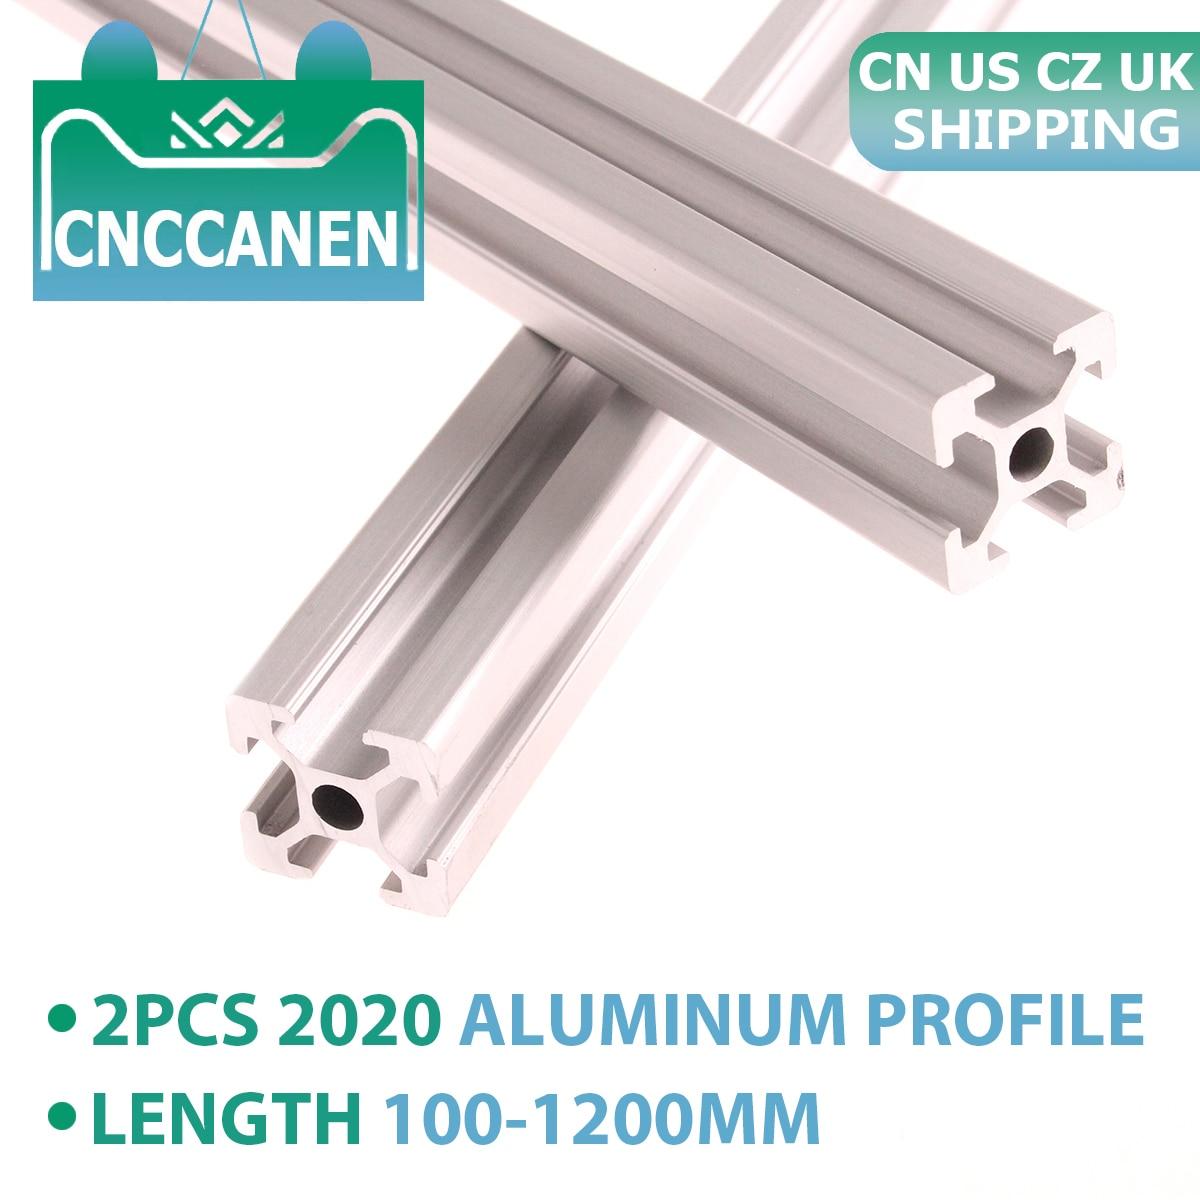 2 шт., экструзия алюминиевого профиля 2020, европейская стандартная линейная направляющая 2020 мм до 100 мм в длину для ЧПУ 3D-принтера, детали CZ UK US